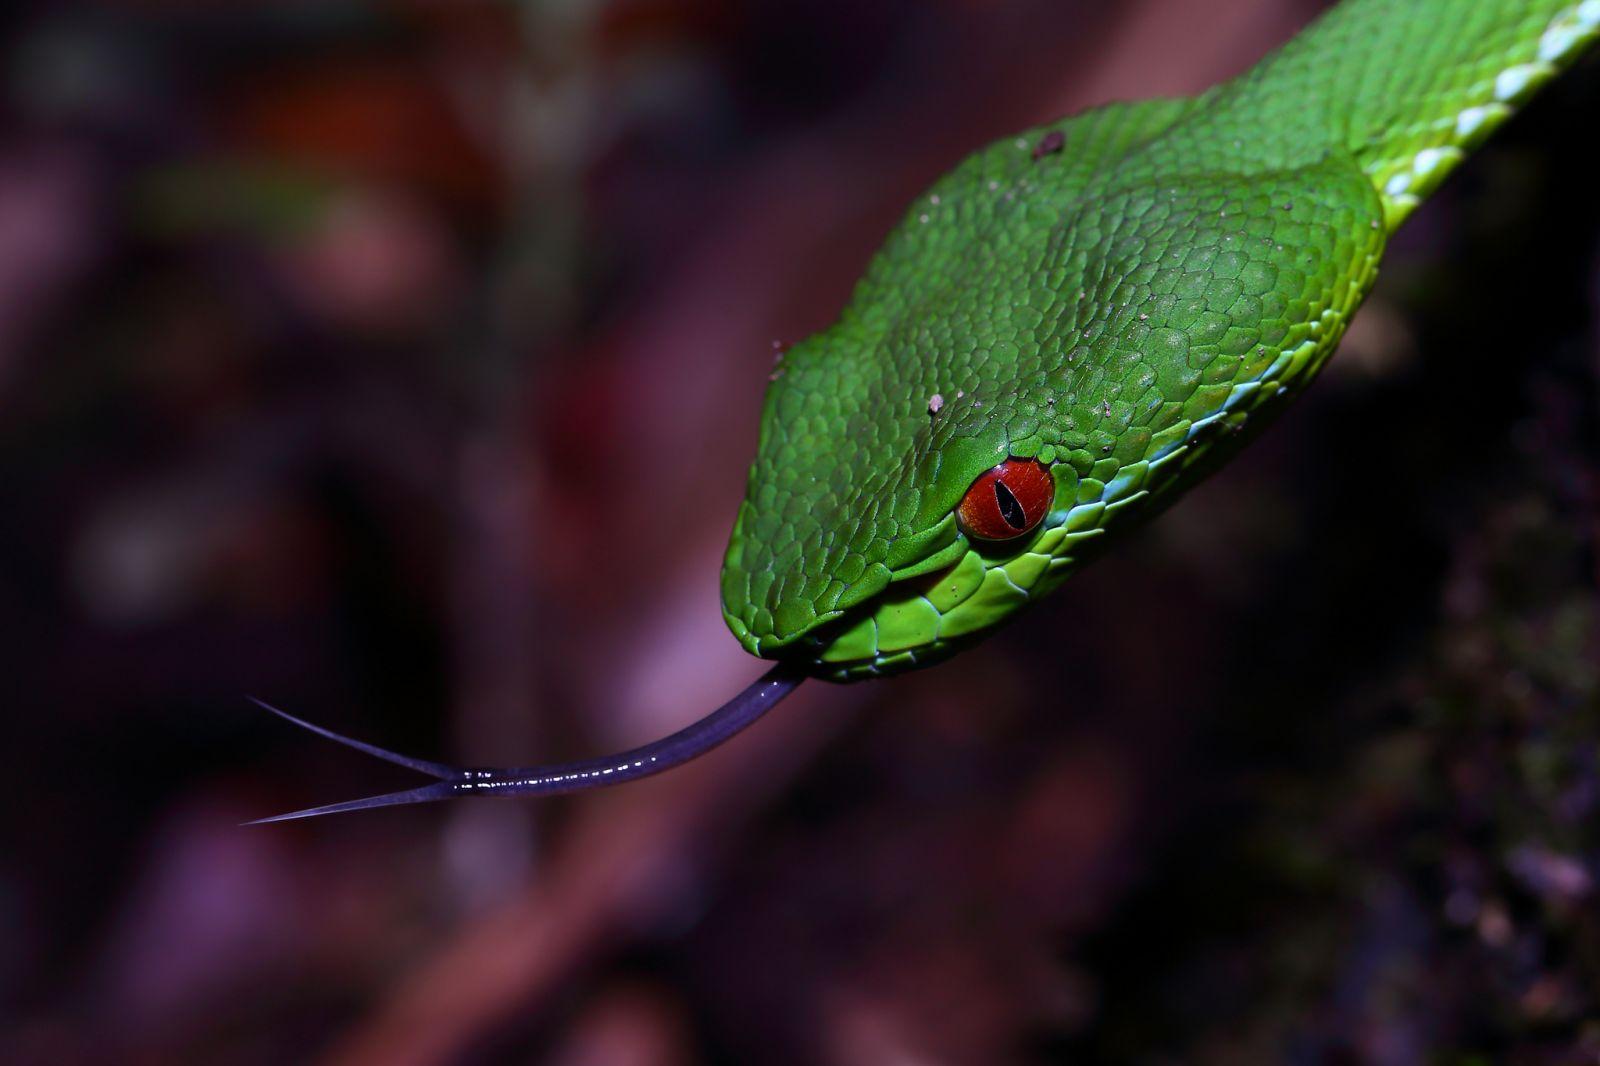 毒蛇巨蛇之最,打开蛇的隐秘神奇世界!